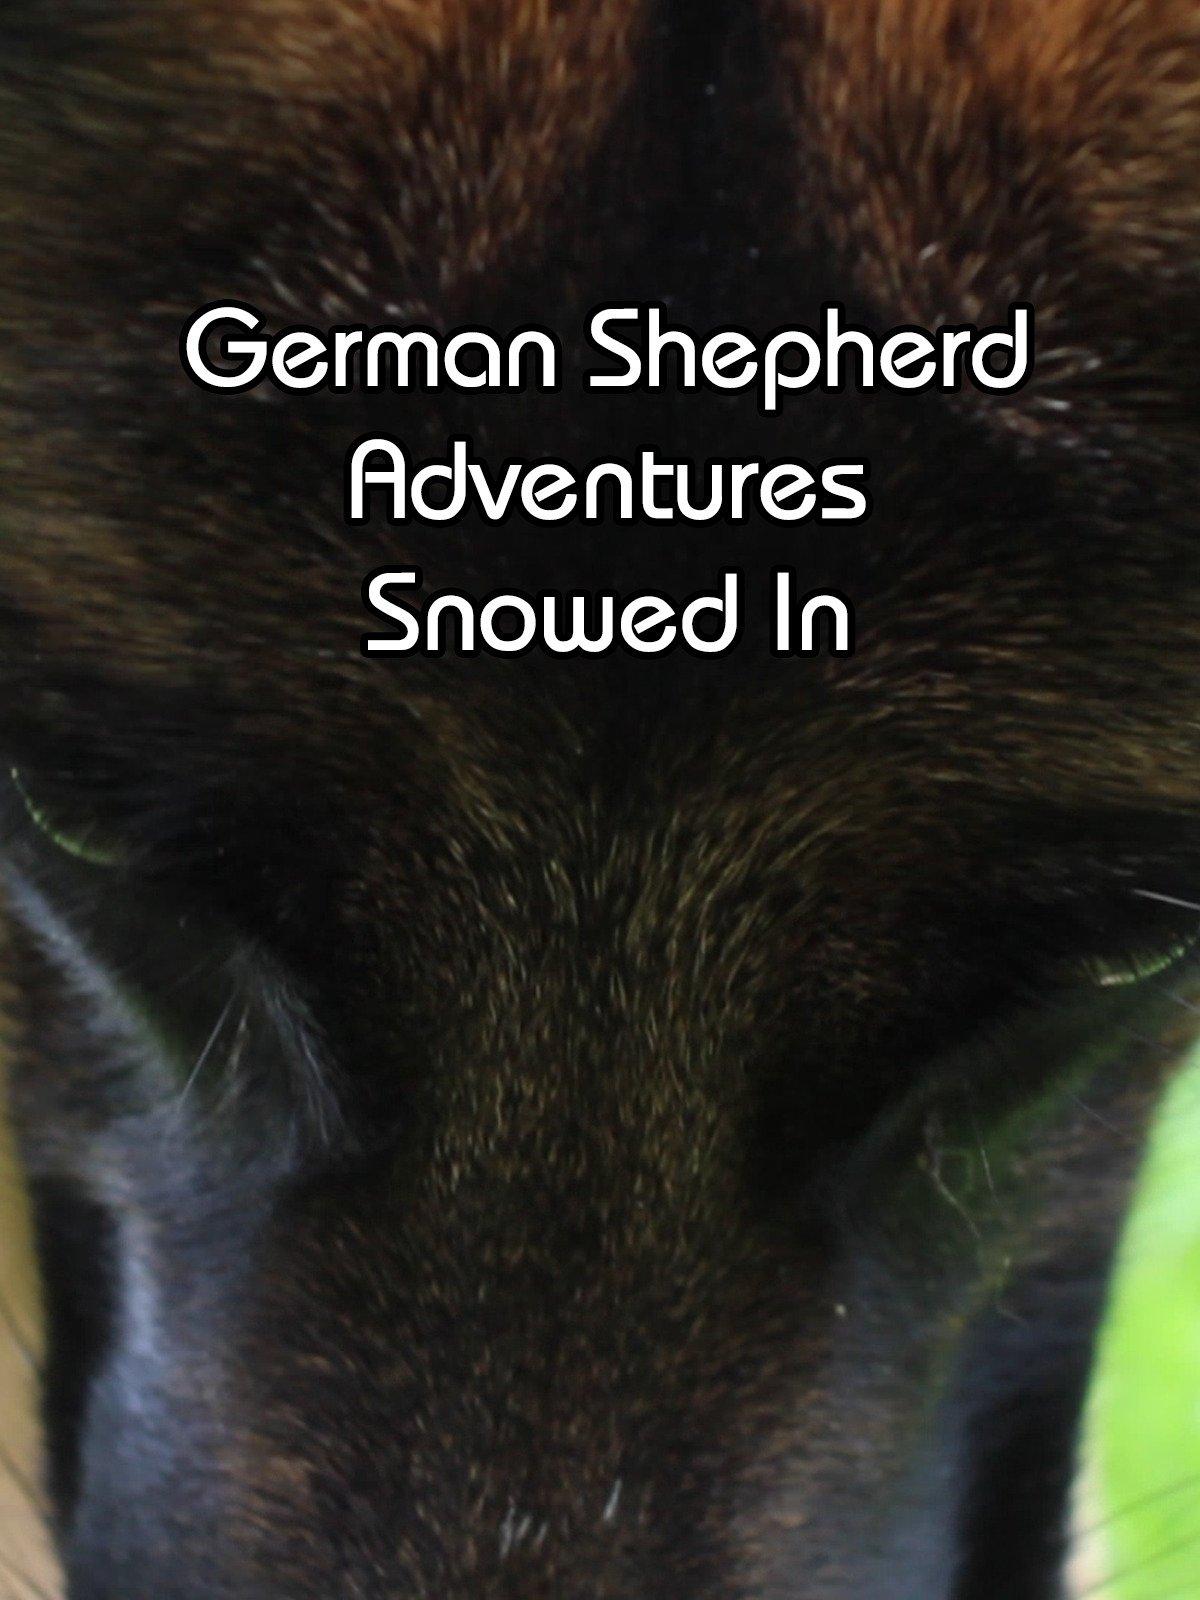 German Shepherd Adventures Snowed In